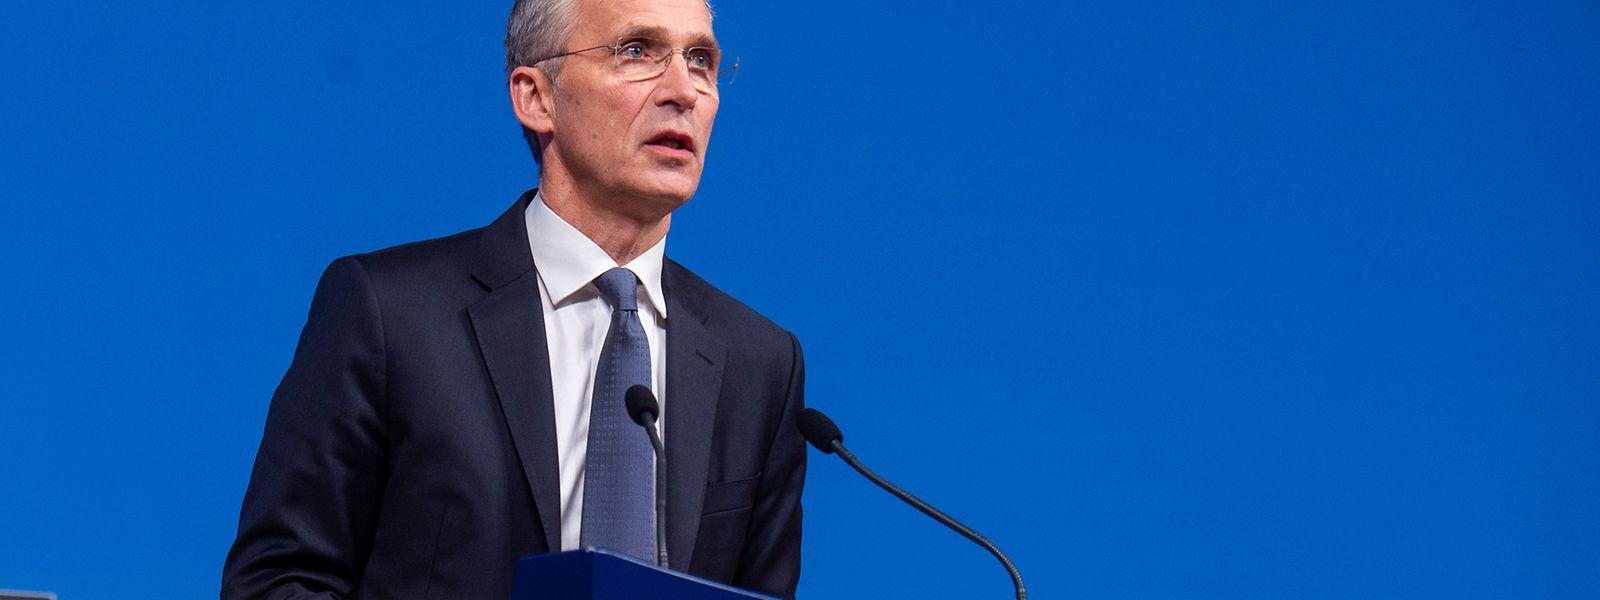 Jens Stoltenberg, NATO-Generalsekretär, spricht bei einer Pressekonferenz nach dem NATO-Außenministertreffen im NATO-Hauptquartier.